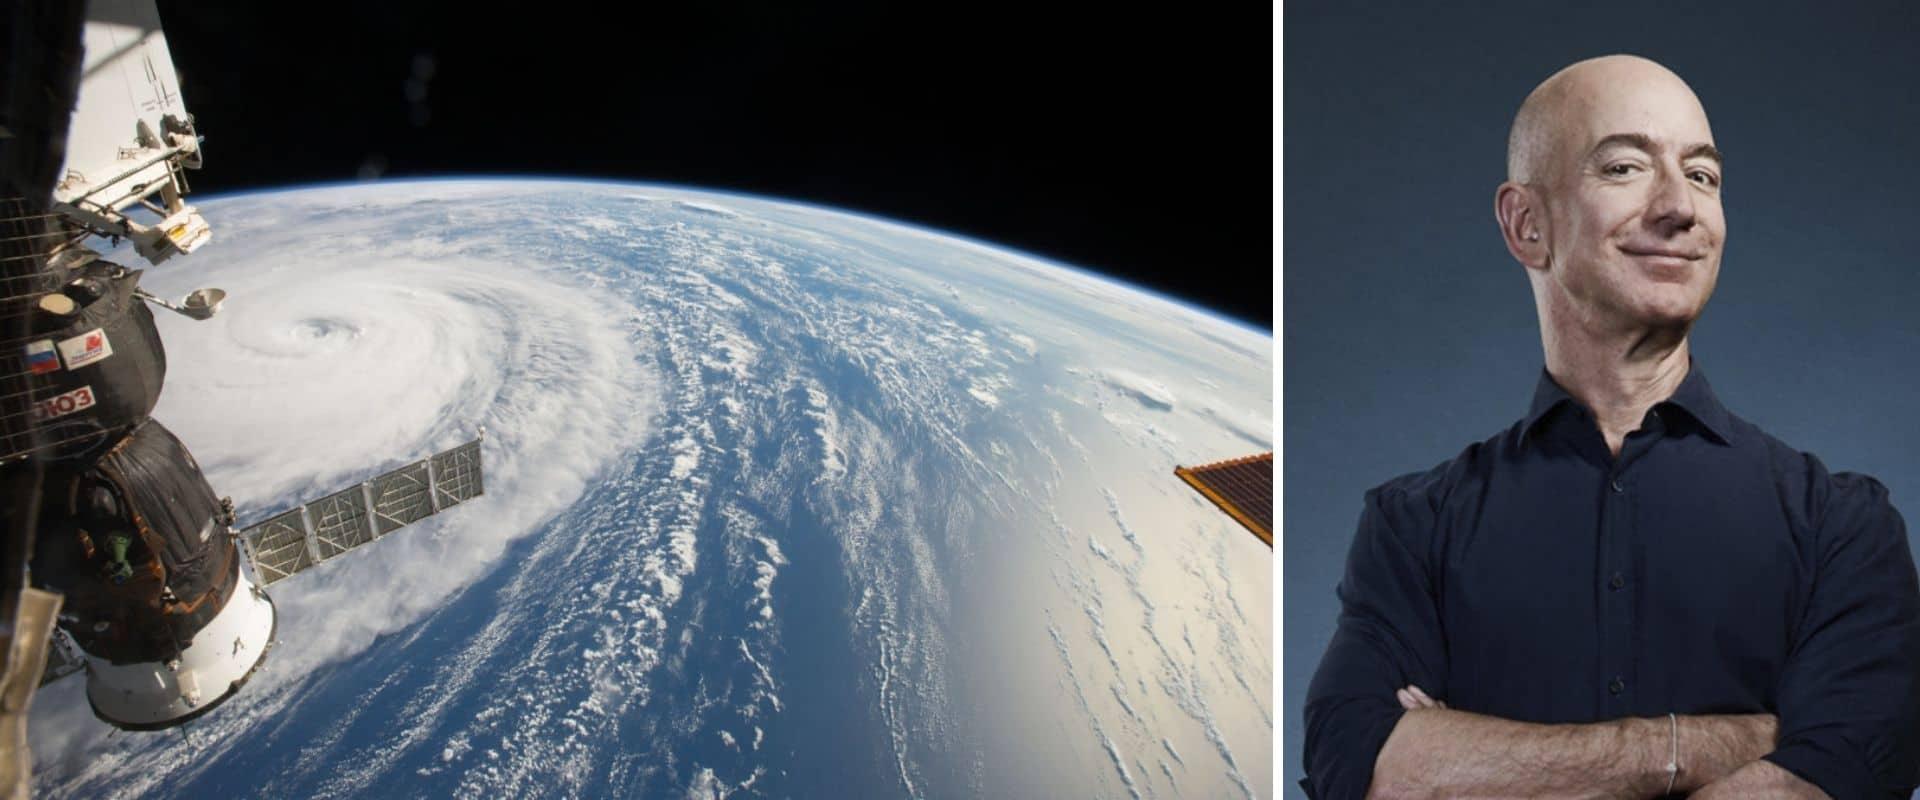 Jeff Bezos, CEO de Amazon, será una de las personas que viajará al espacio en el primer vuelo tripulado de un cohete de Blue Origin